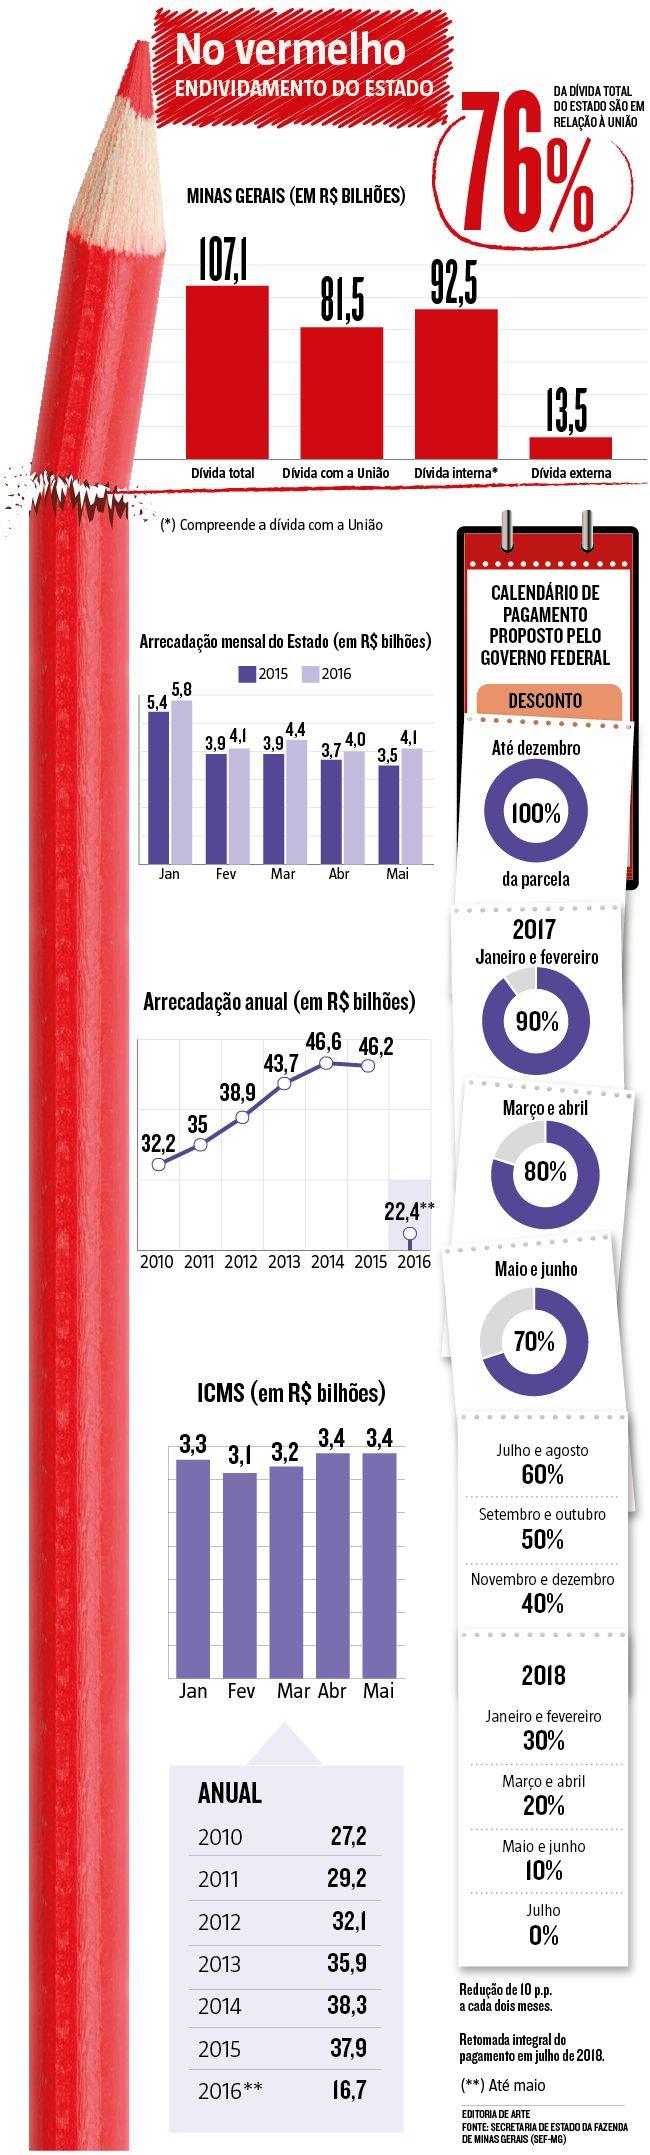 Acordo emergencial permite que estados adiem pagamento da dívida com União até 2017. O pagamento do débito ficará suspenso por seis meses, até dezembro, com retomada escalonada em janeiro de 2017 (21/06/2016) #Economia #Política #Infográfico #Infografia #HojeEmDia